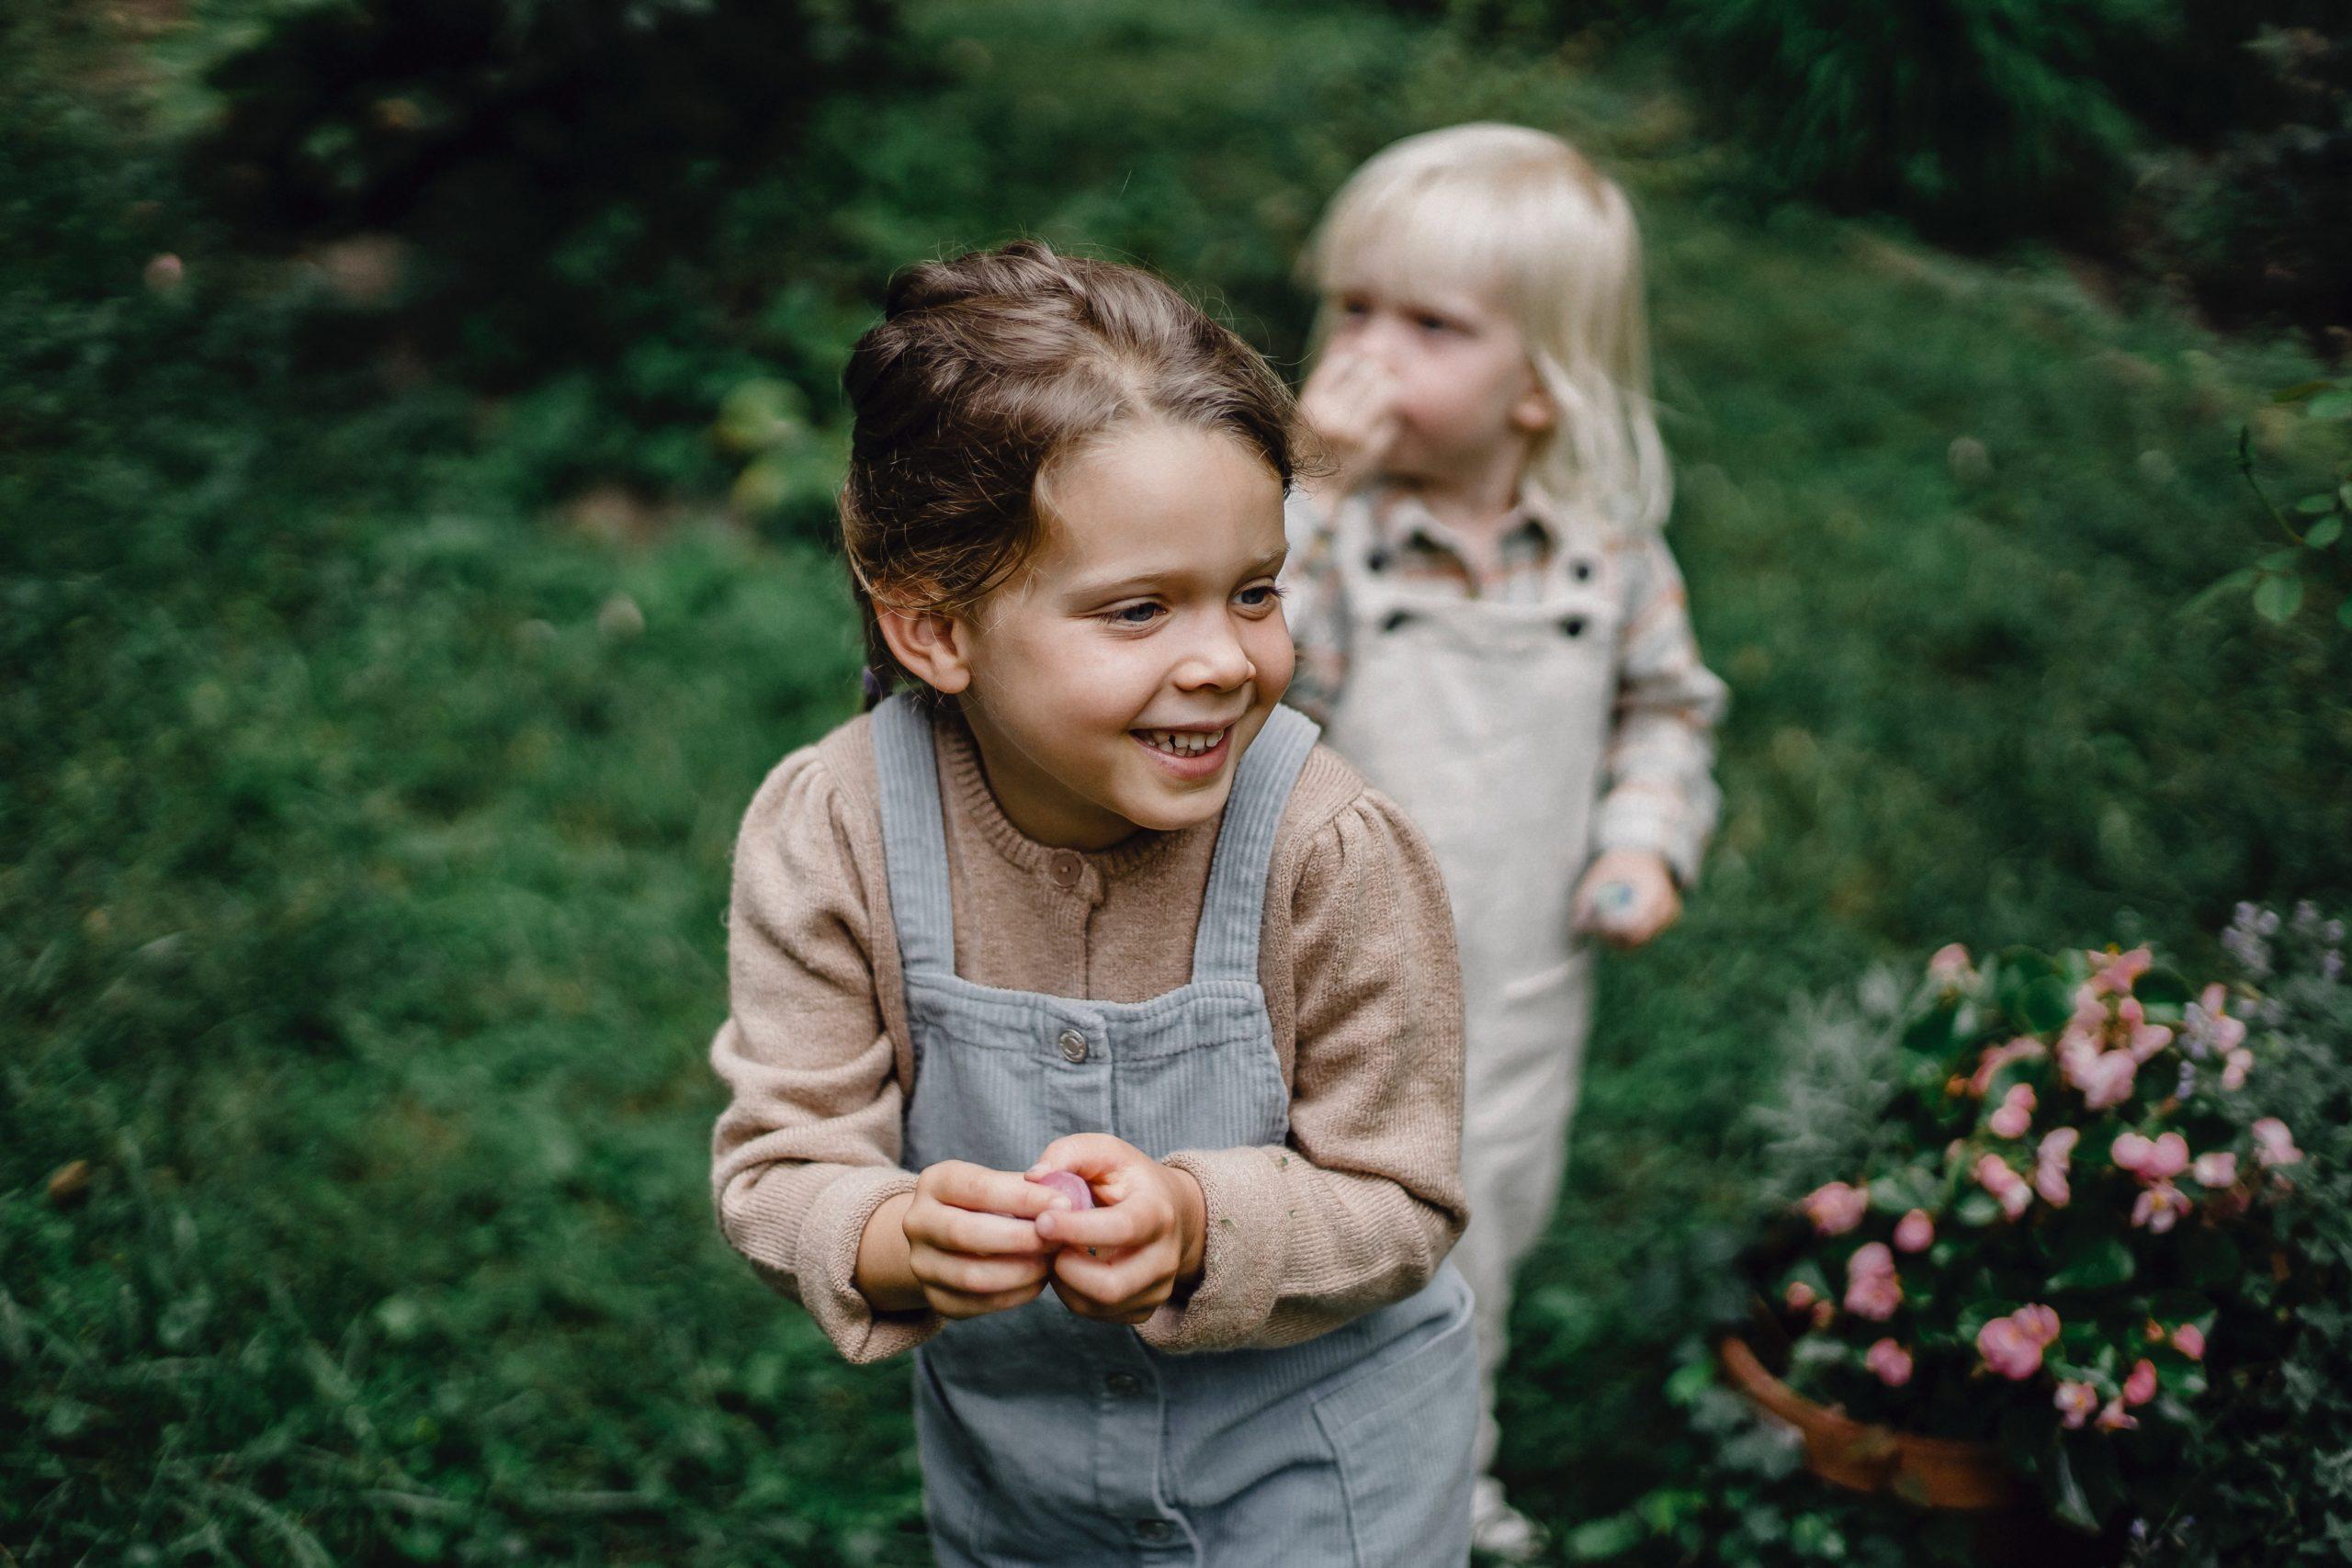 Passer du temps à l'extérieur est essentiel au développement de l'enfant selon Charlotte MASON.